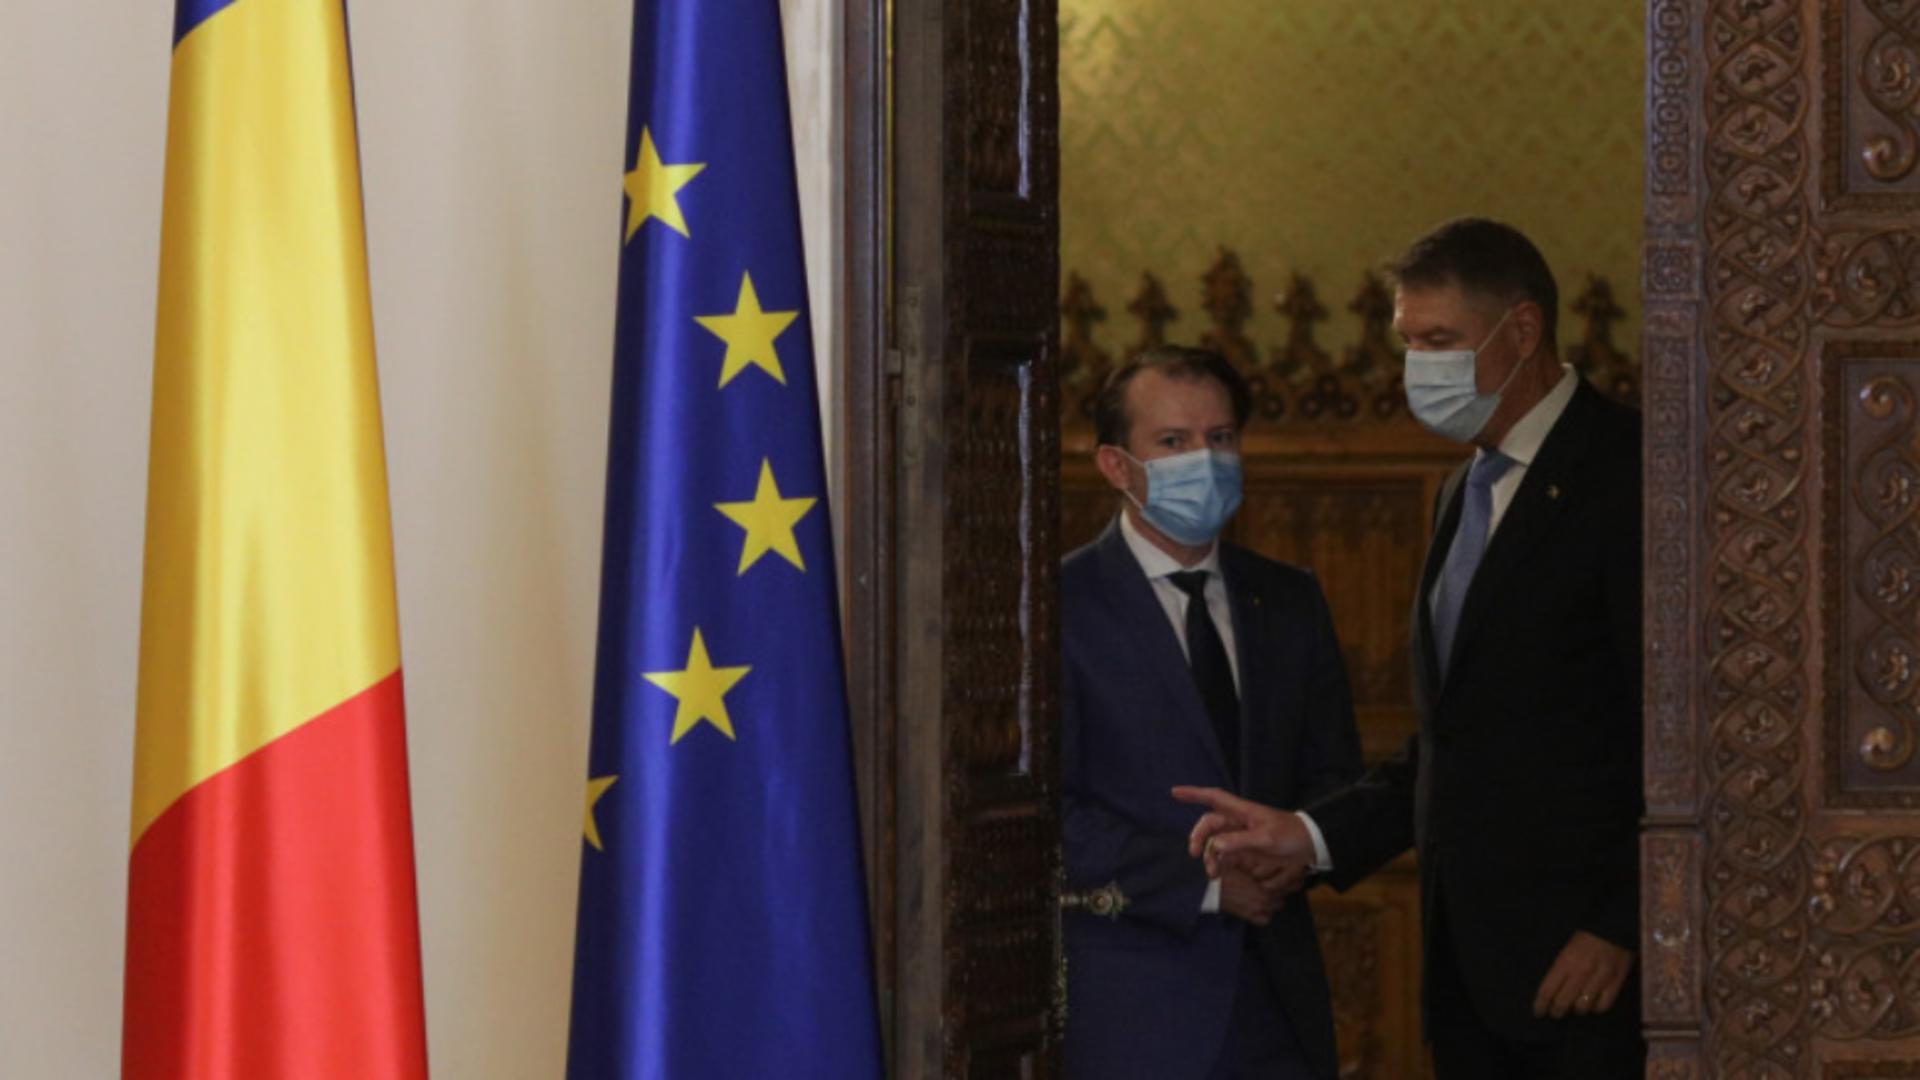 Președintele Klaus Iohannis și premierul Florin Cîțu